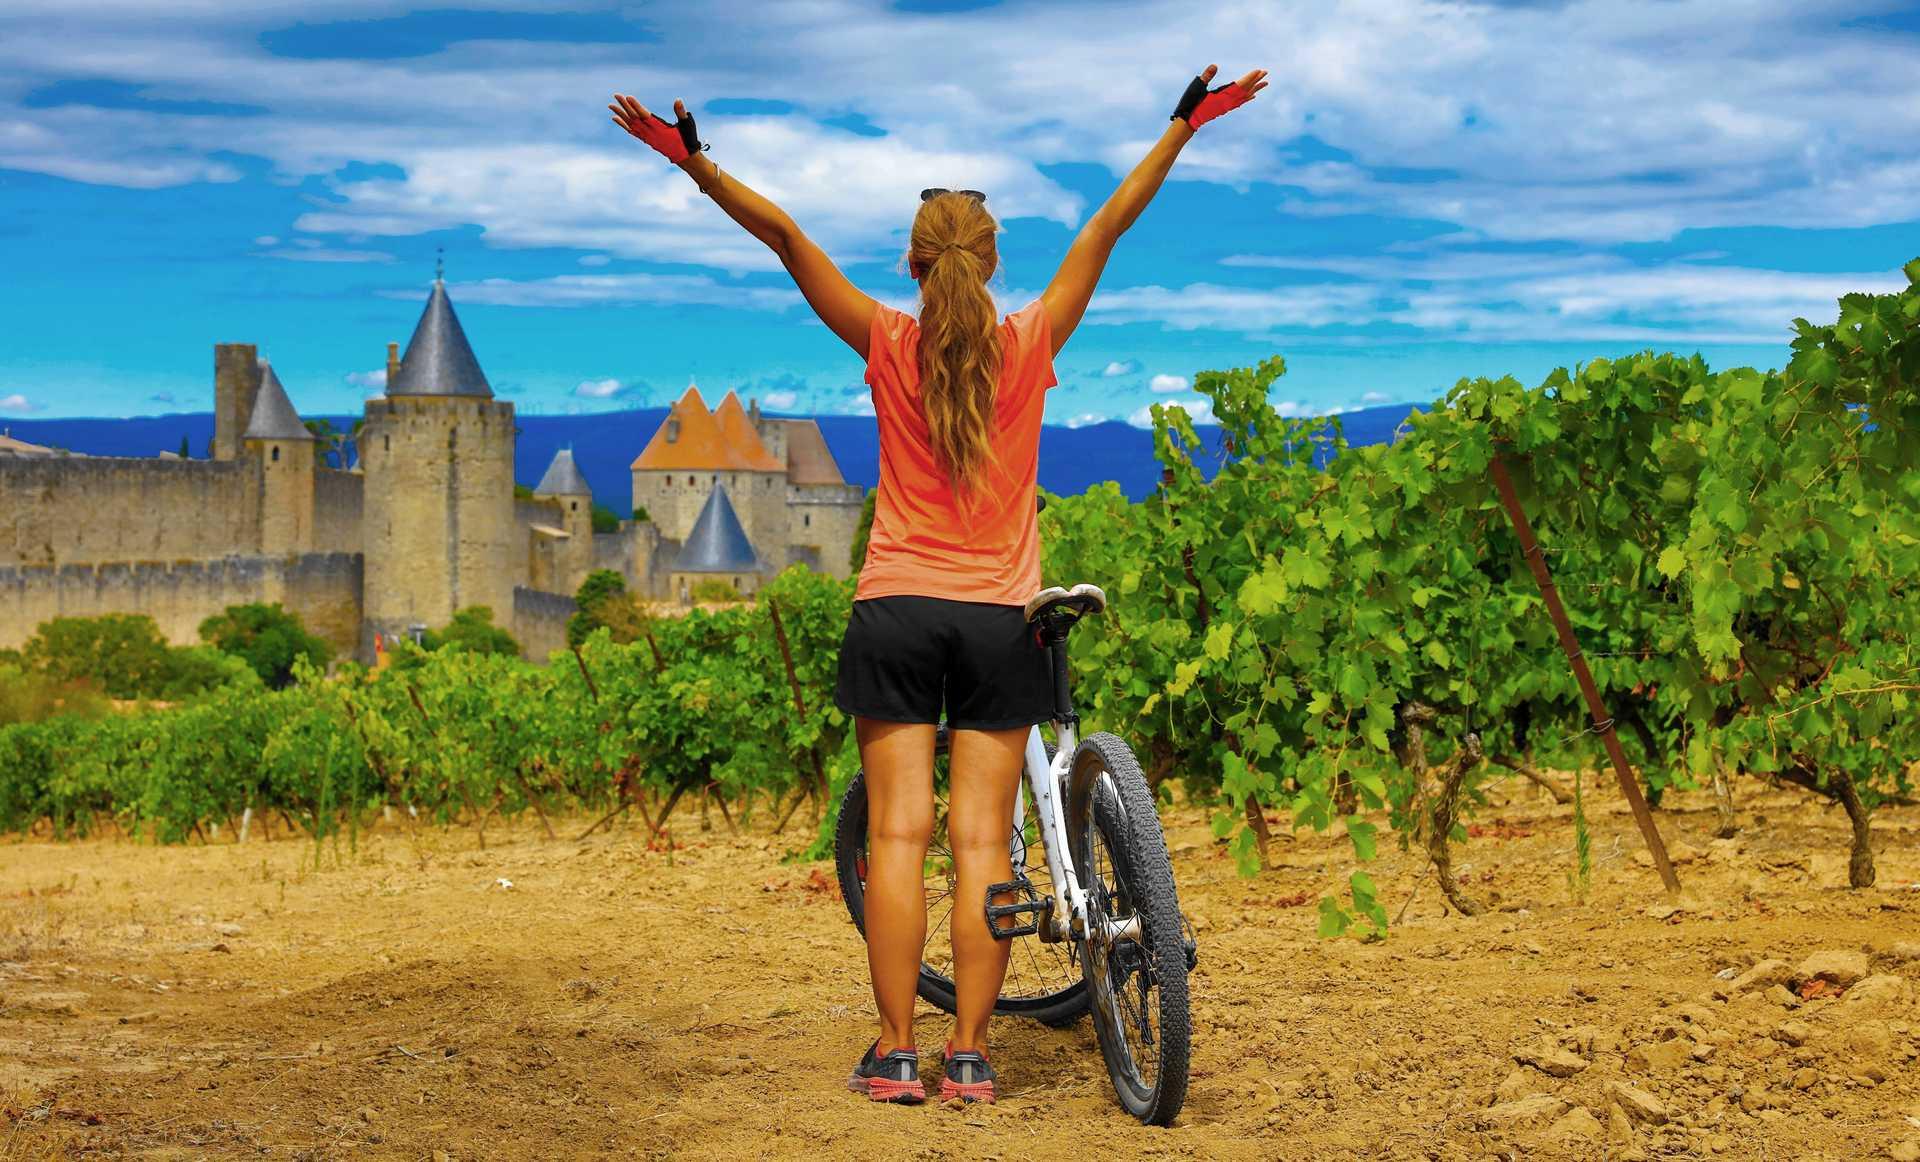 Arrivée en vélo sur la cité fortifiée de Carcassonne, Occitanie